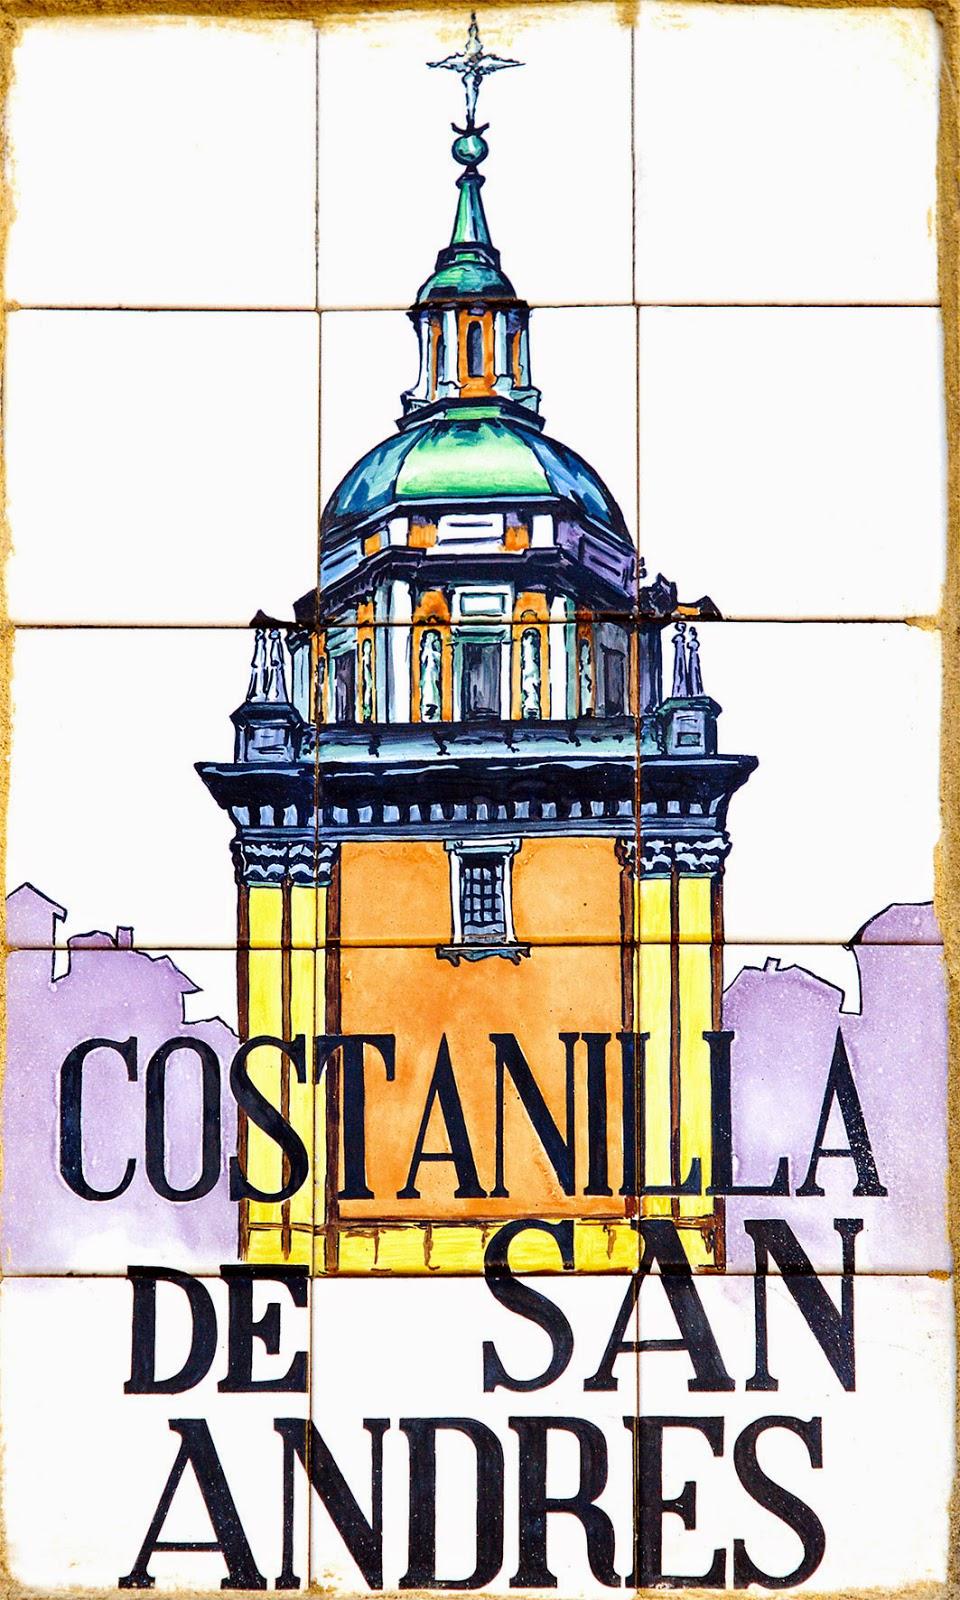 Costanilla de San Andrés